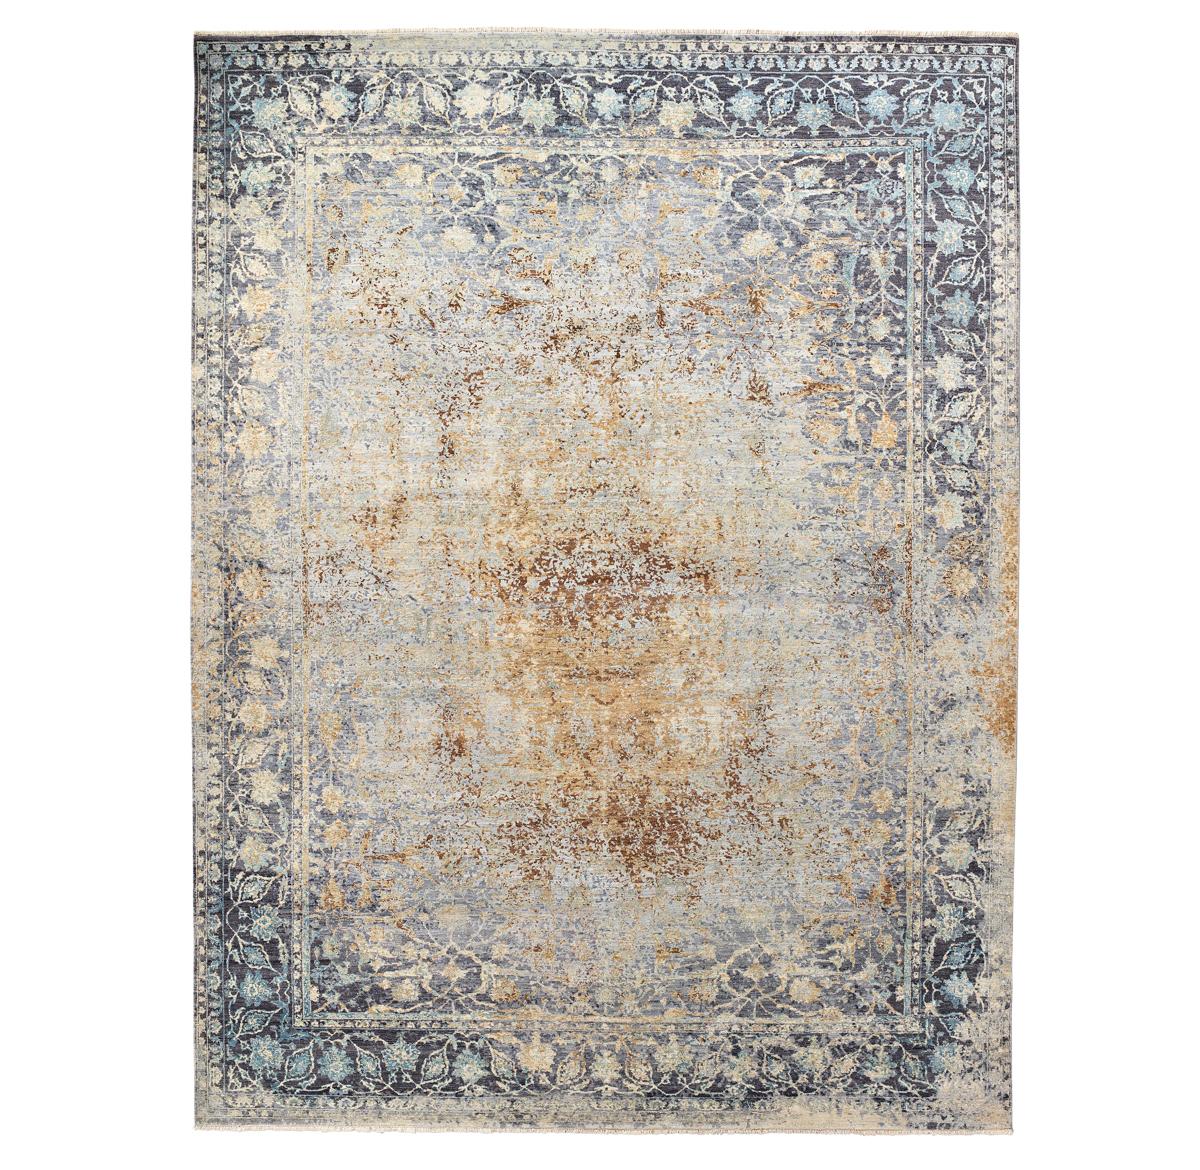 RH Palais rugs